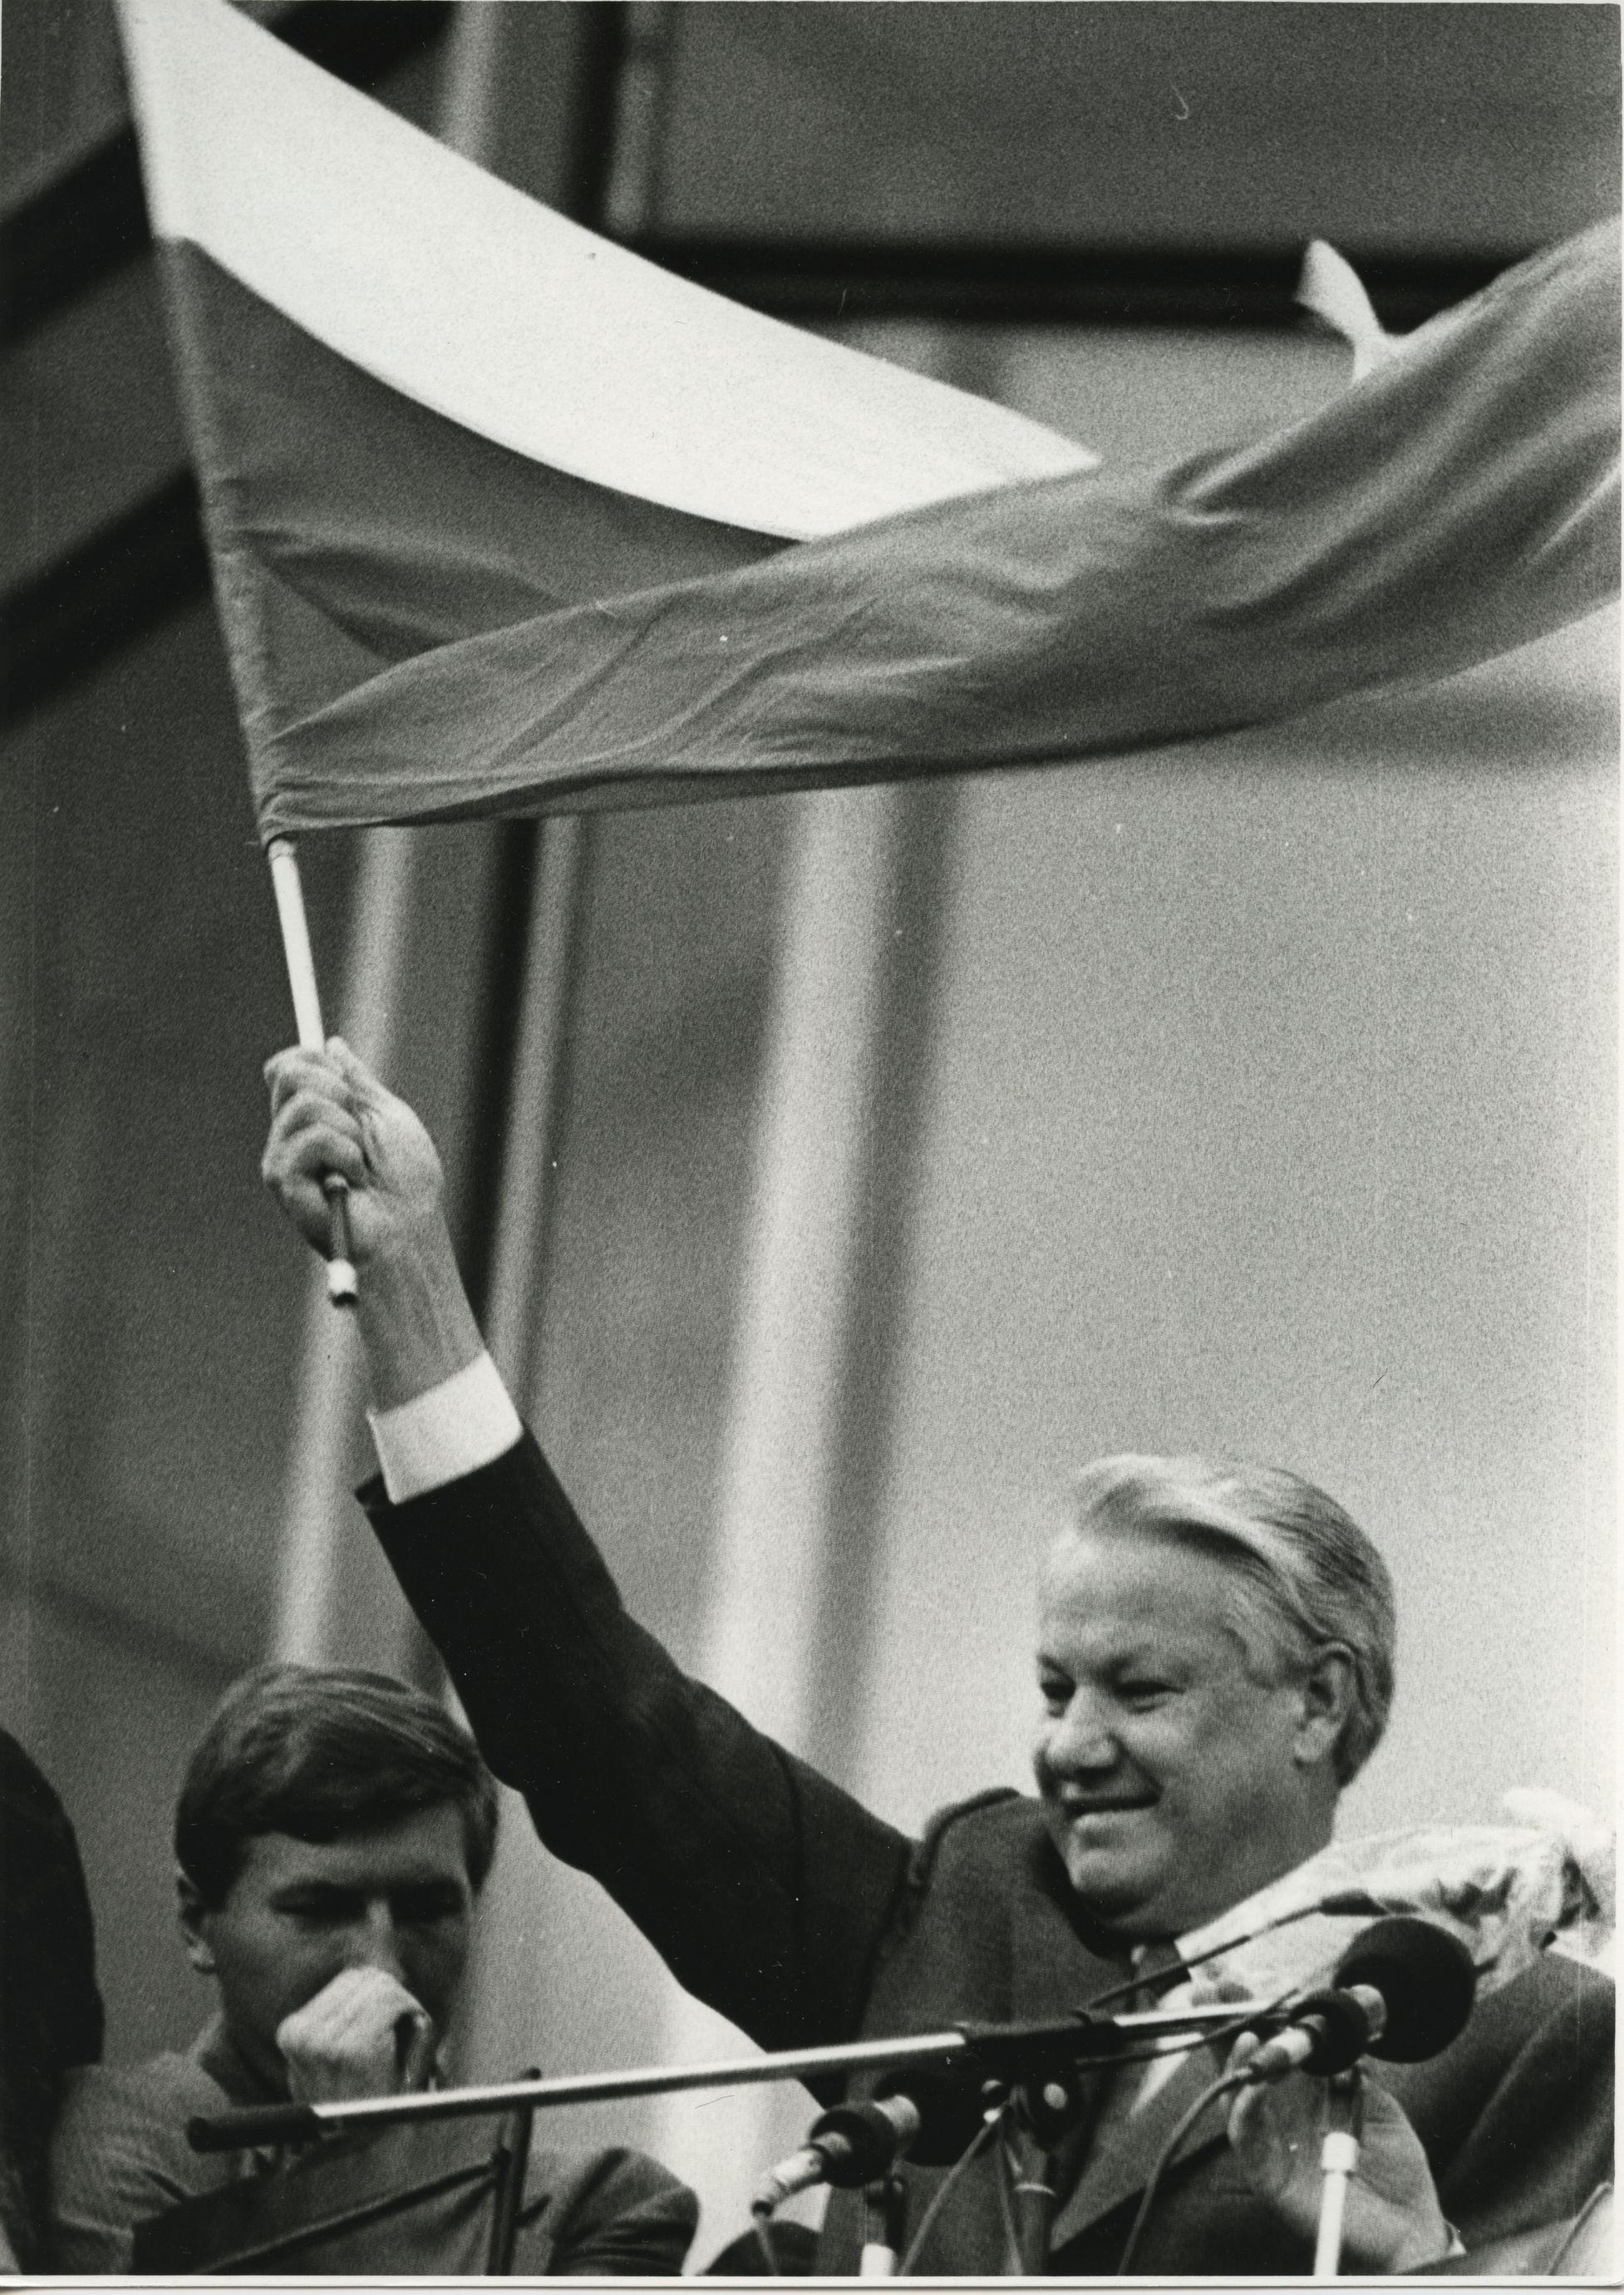 22 августа 1991 года. Борис Ельцин на митинге победы у Белого дома